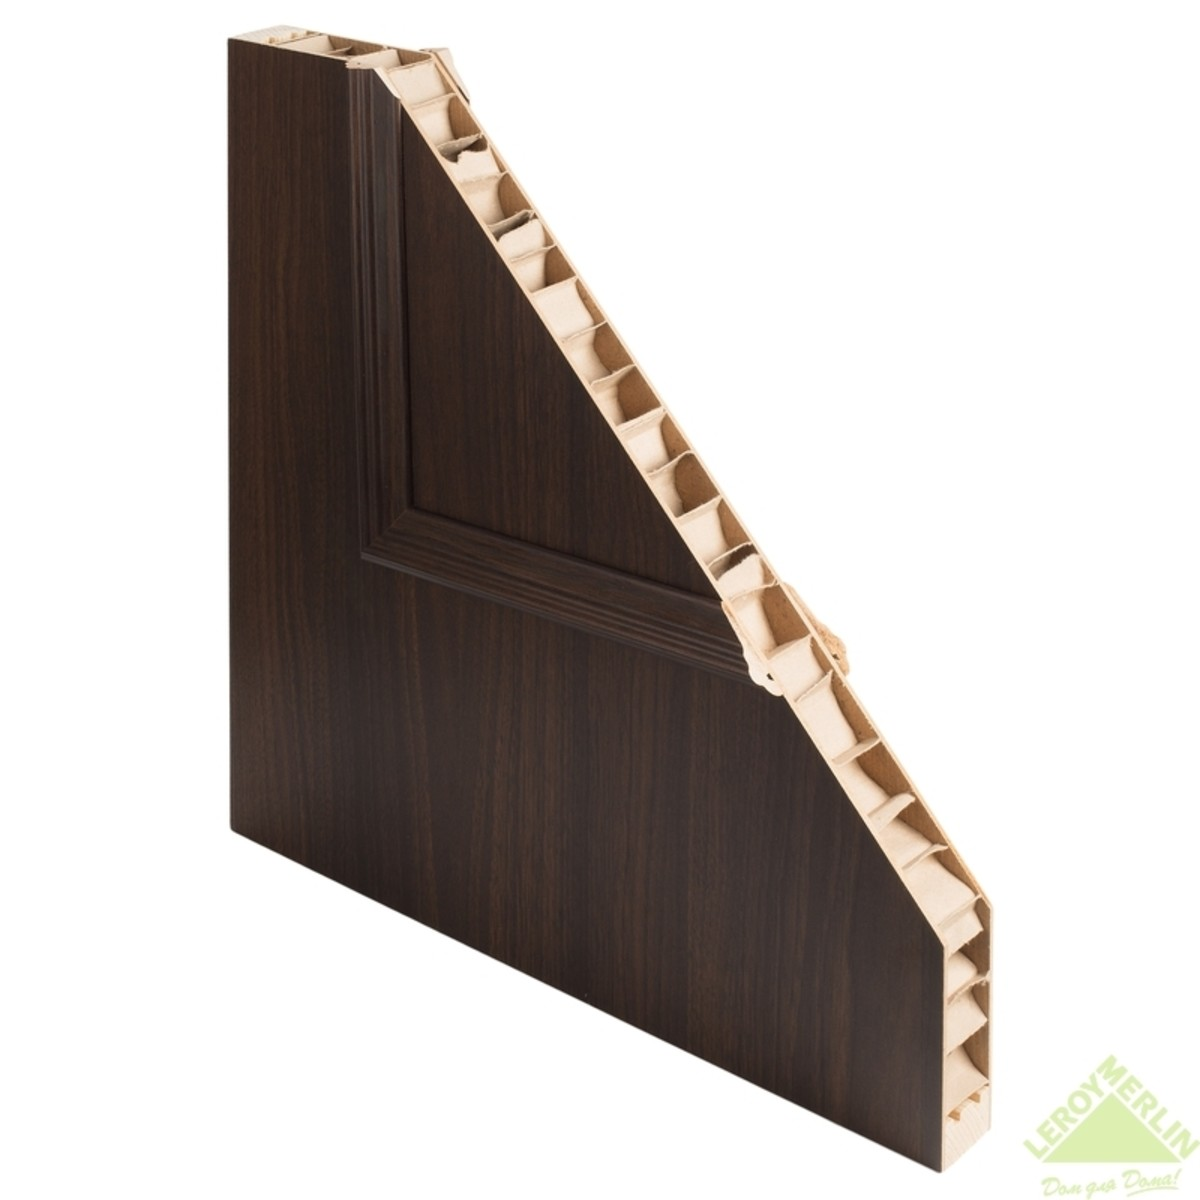 Дверь Межкомнатная Остеклённая Альтро 820 2Х600x2000 Орех Марроне